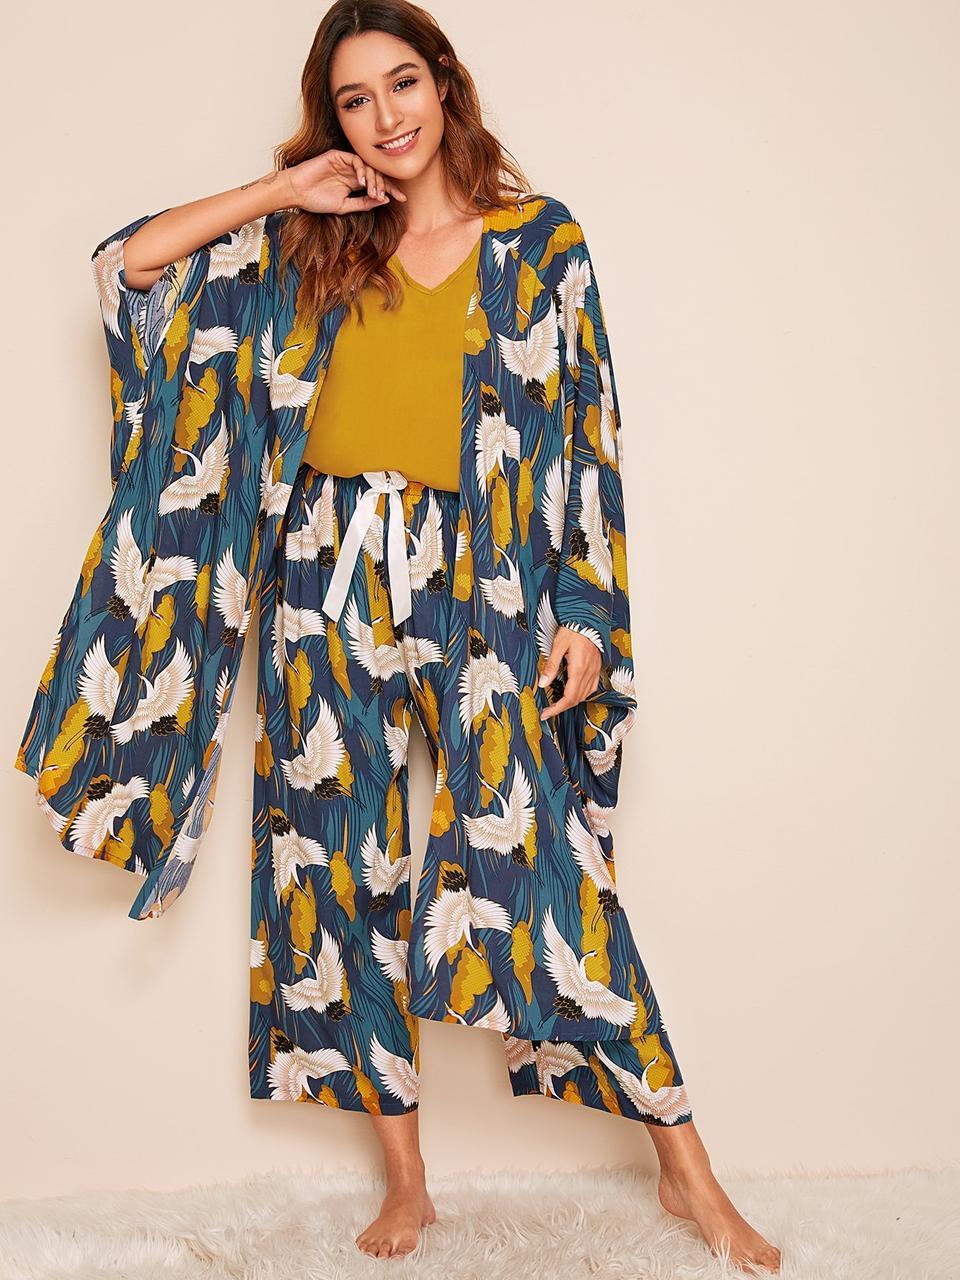 Комплект для сна, дома из 4 предметов, набор. Пижама женская с принтом журавлей, размер XL (синий)